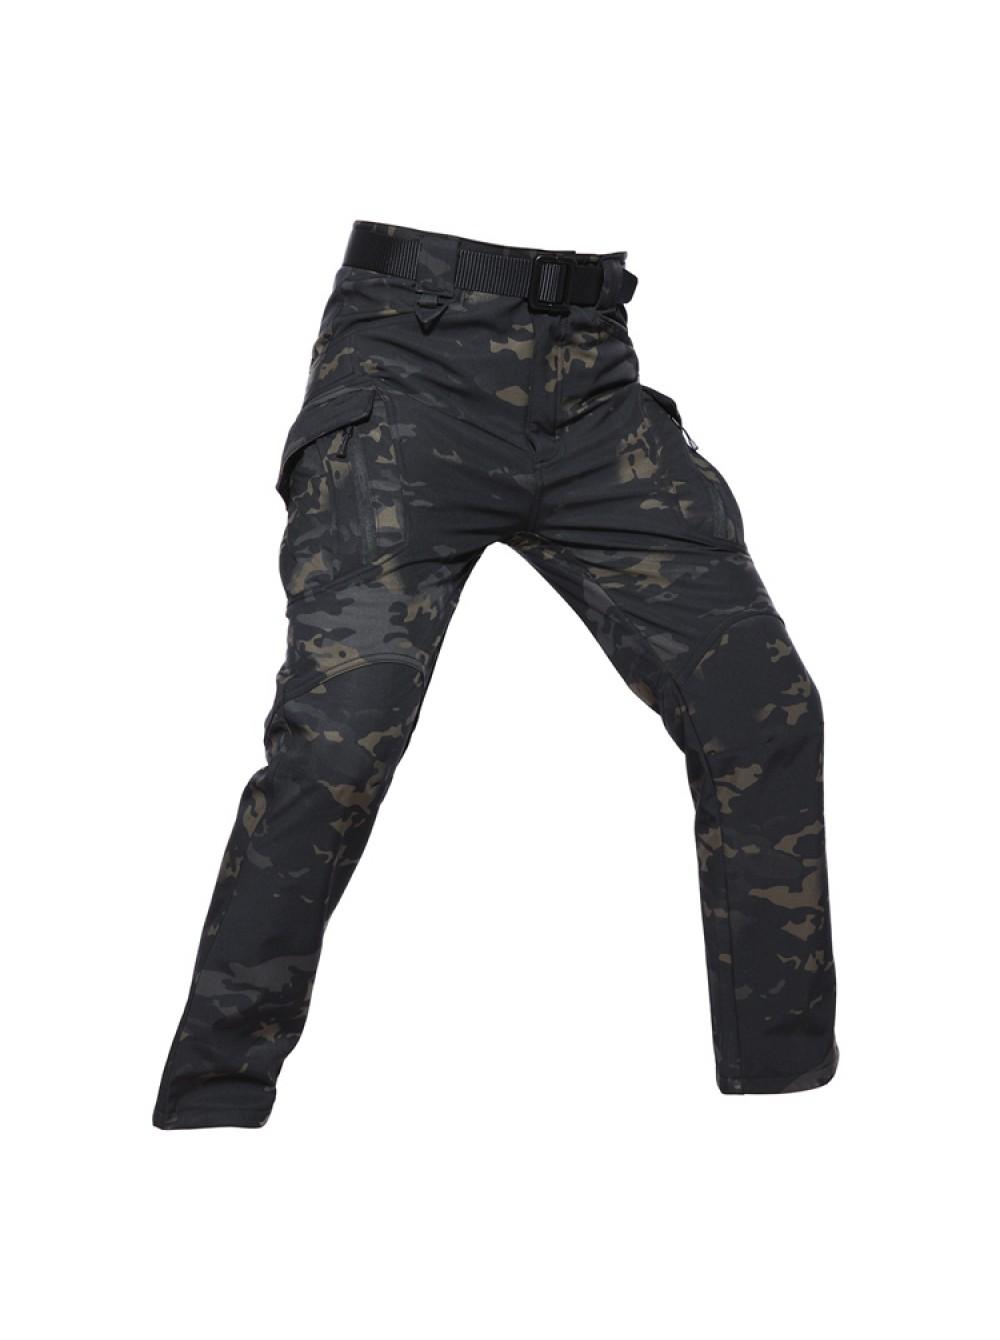 Модель тактических брюк